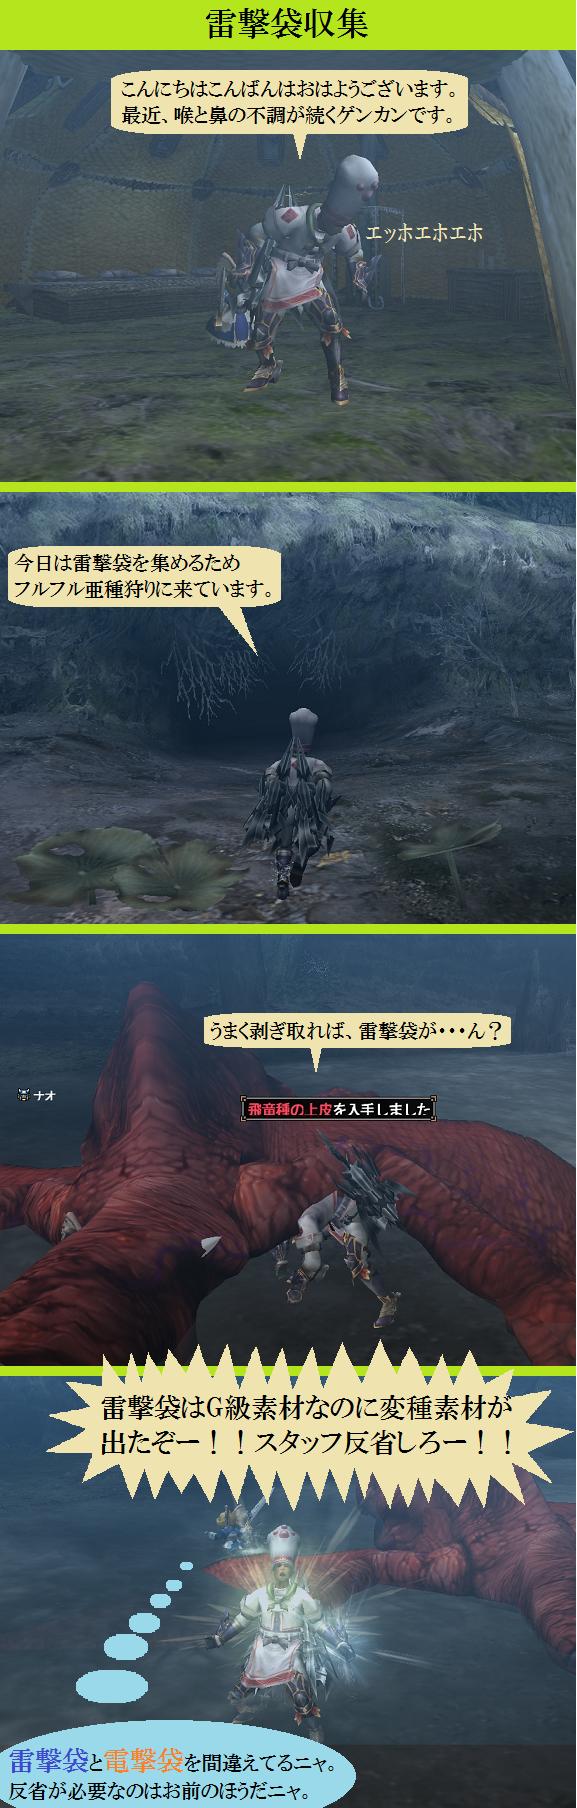 20160604 「雷撃袋収集」